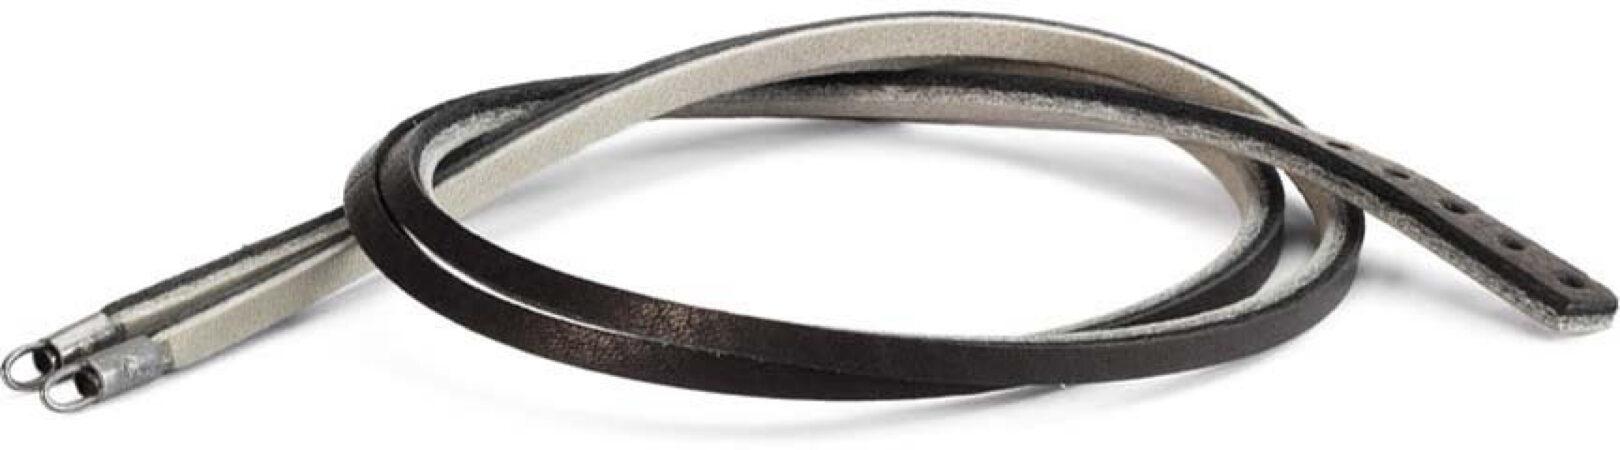 Afbeelding van Trollbeads TLEBR-00031 Leren armband zwart/grijs met zilver 36 cm